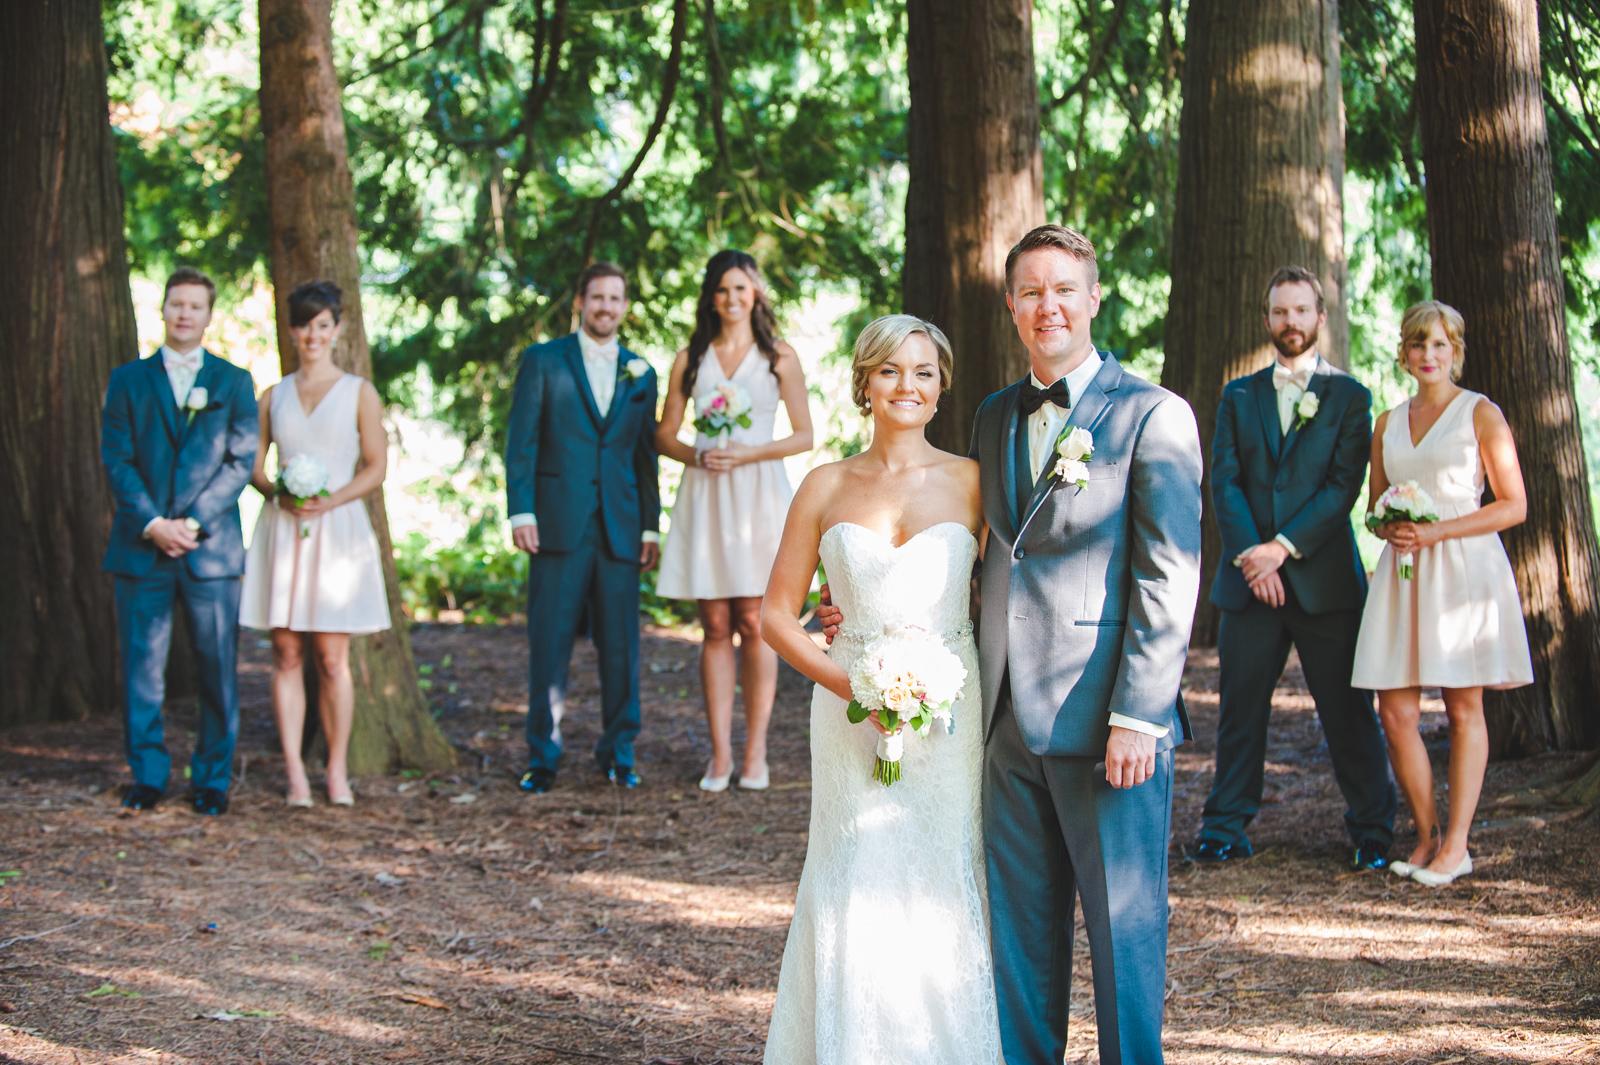 victoria-wedding-photographers-ubc-rose-garden-sage-bistro-wedding-41.jpg